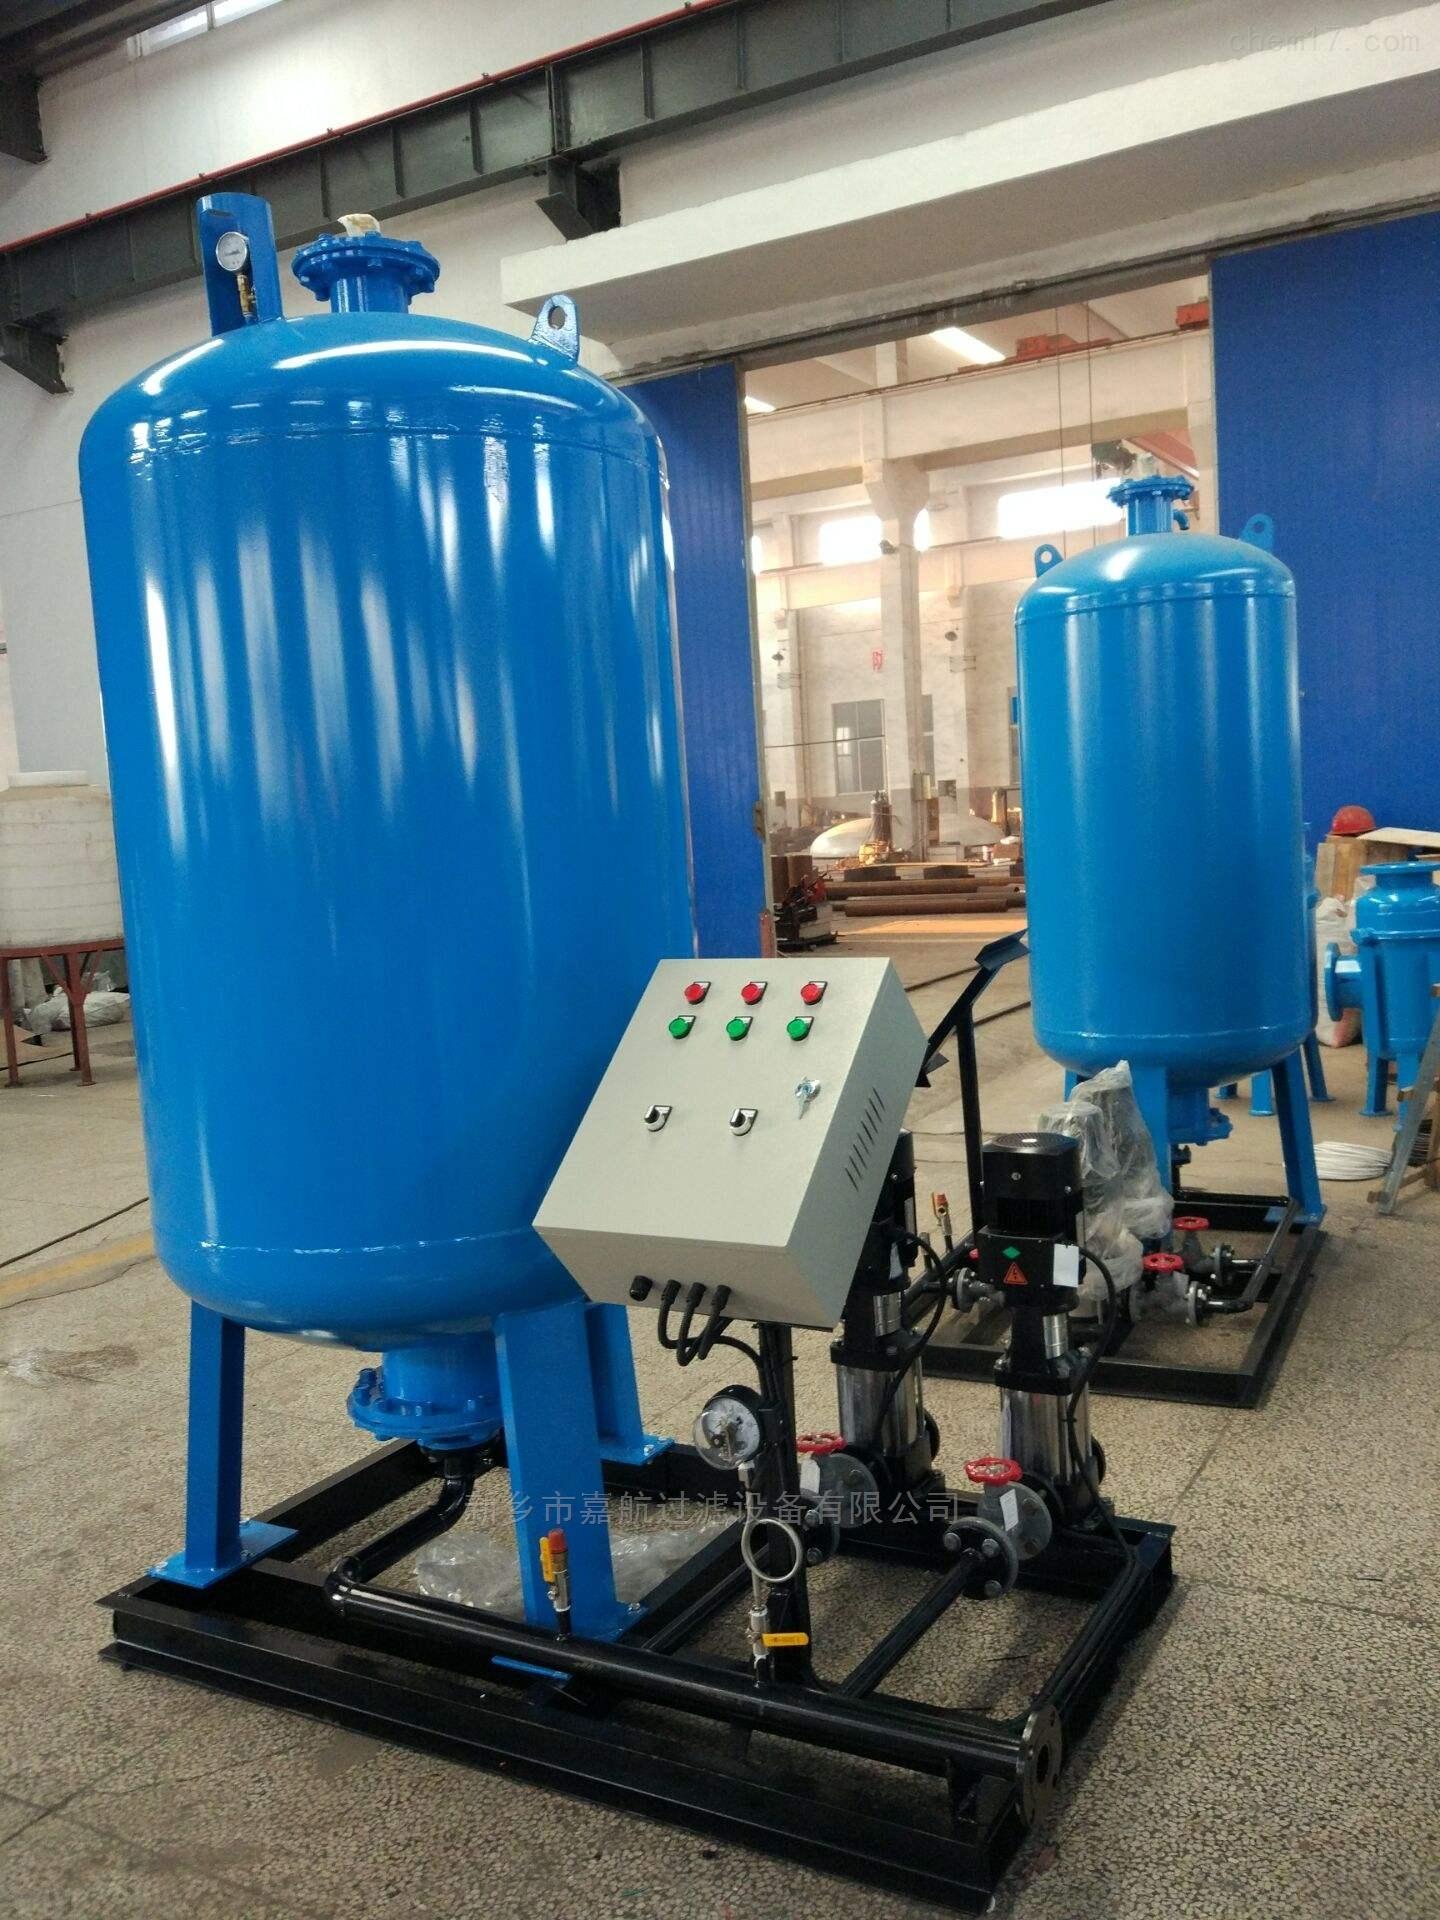 新式隔膜式定压补水装置操作详述